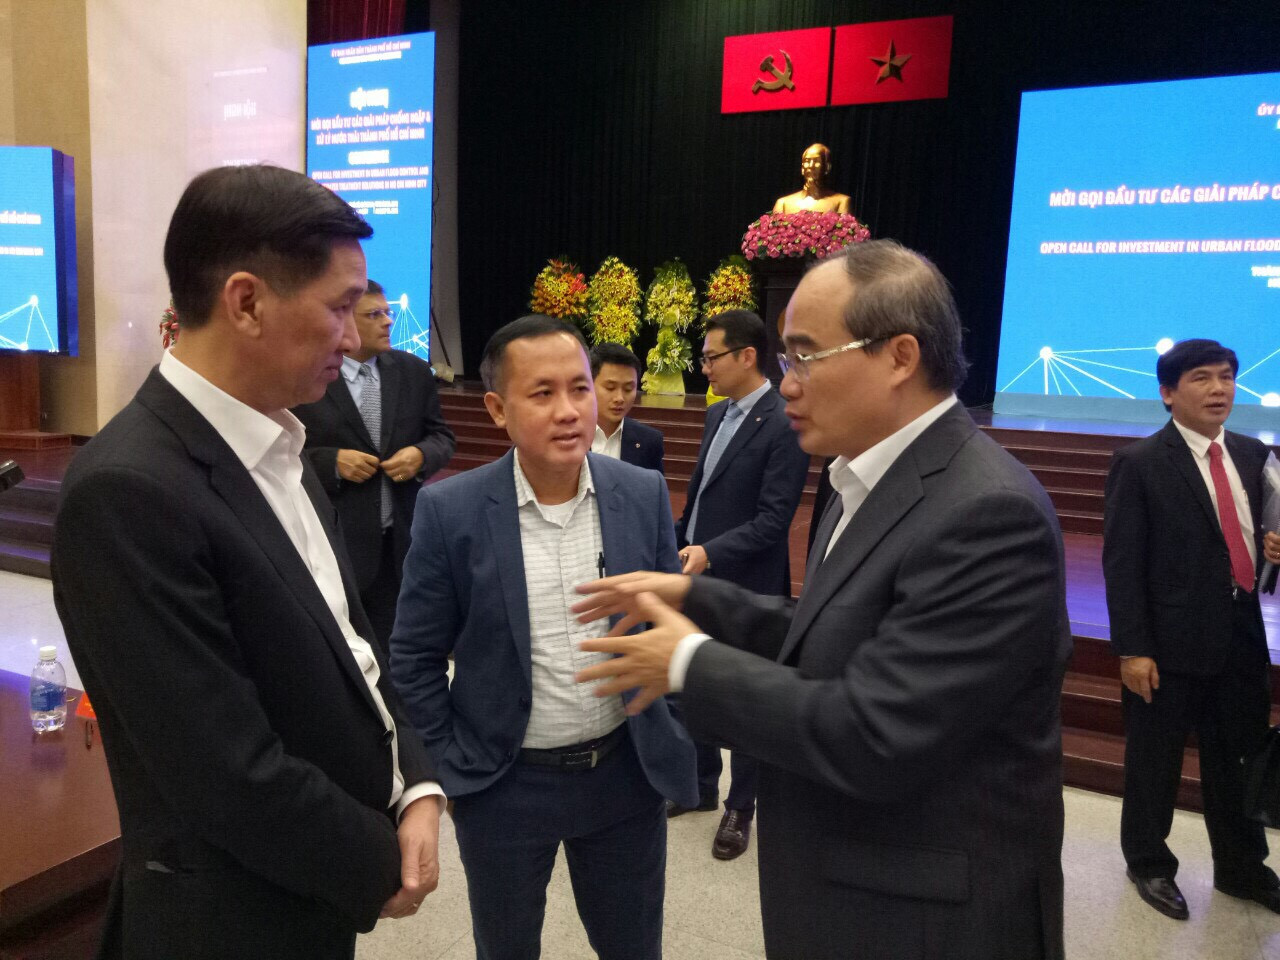 Bí thư Nguyễn Thiện Nhân ra chỉ đạo triển khai cho a. Tuyến pct UBND tại hội nghị Thành Ủy Tp.HCM